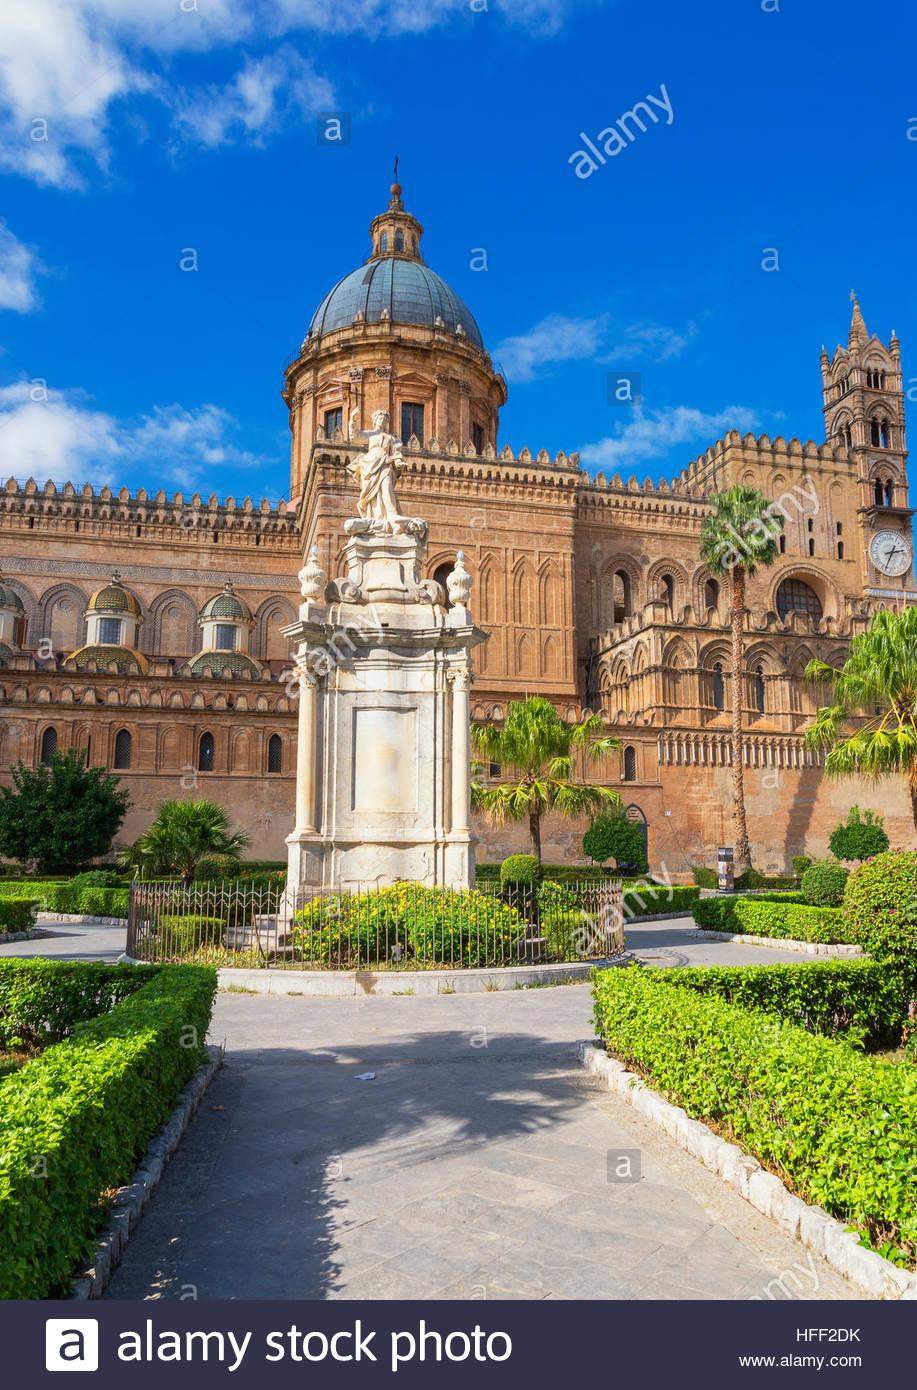 La Catedral de Palermo, Palermo, Sicilia, Italia, Europa Imagen De Stock